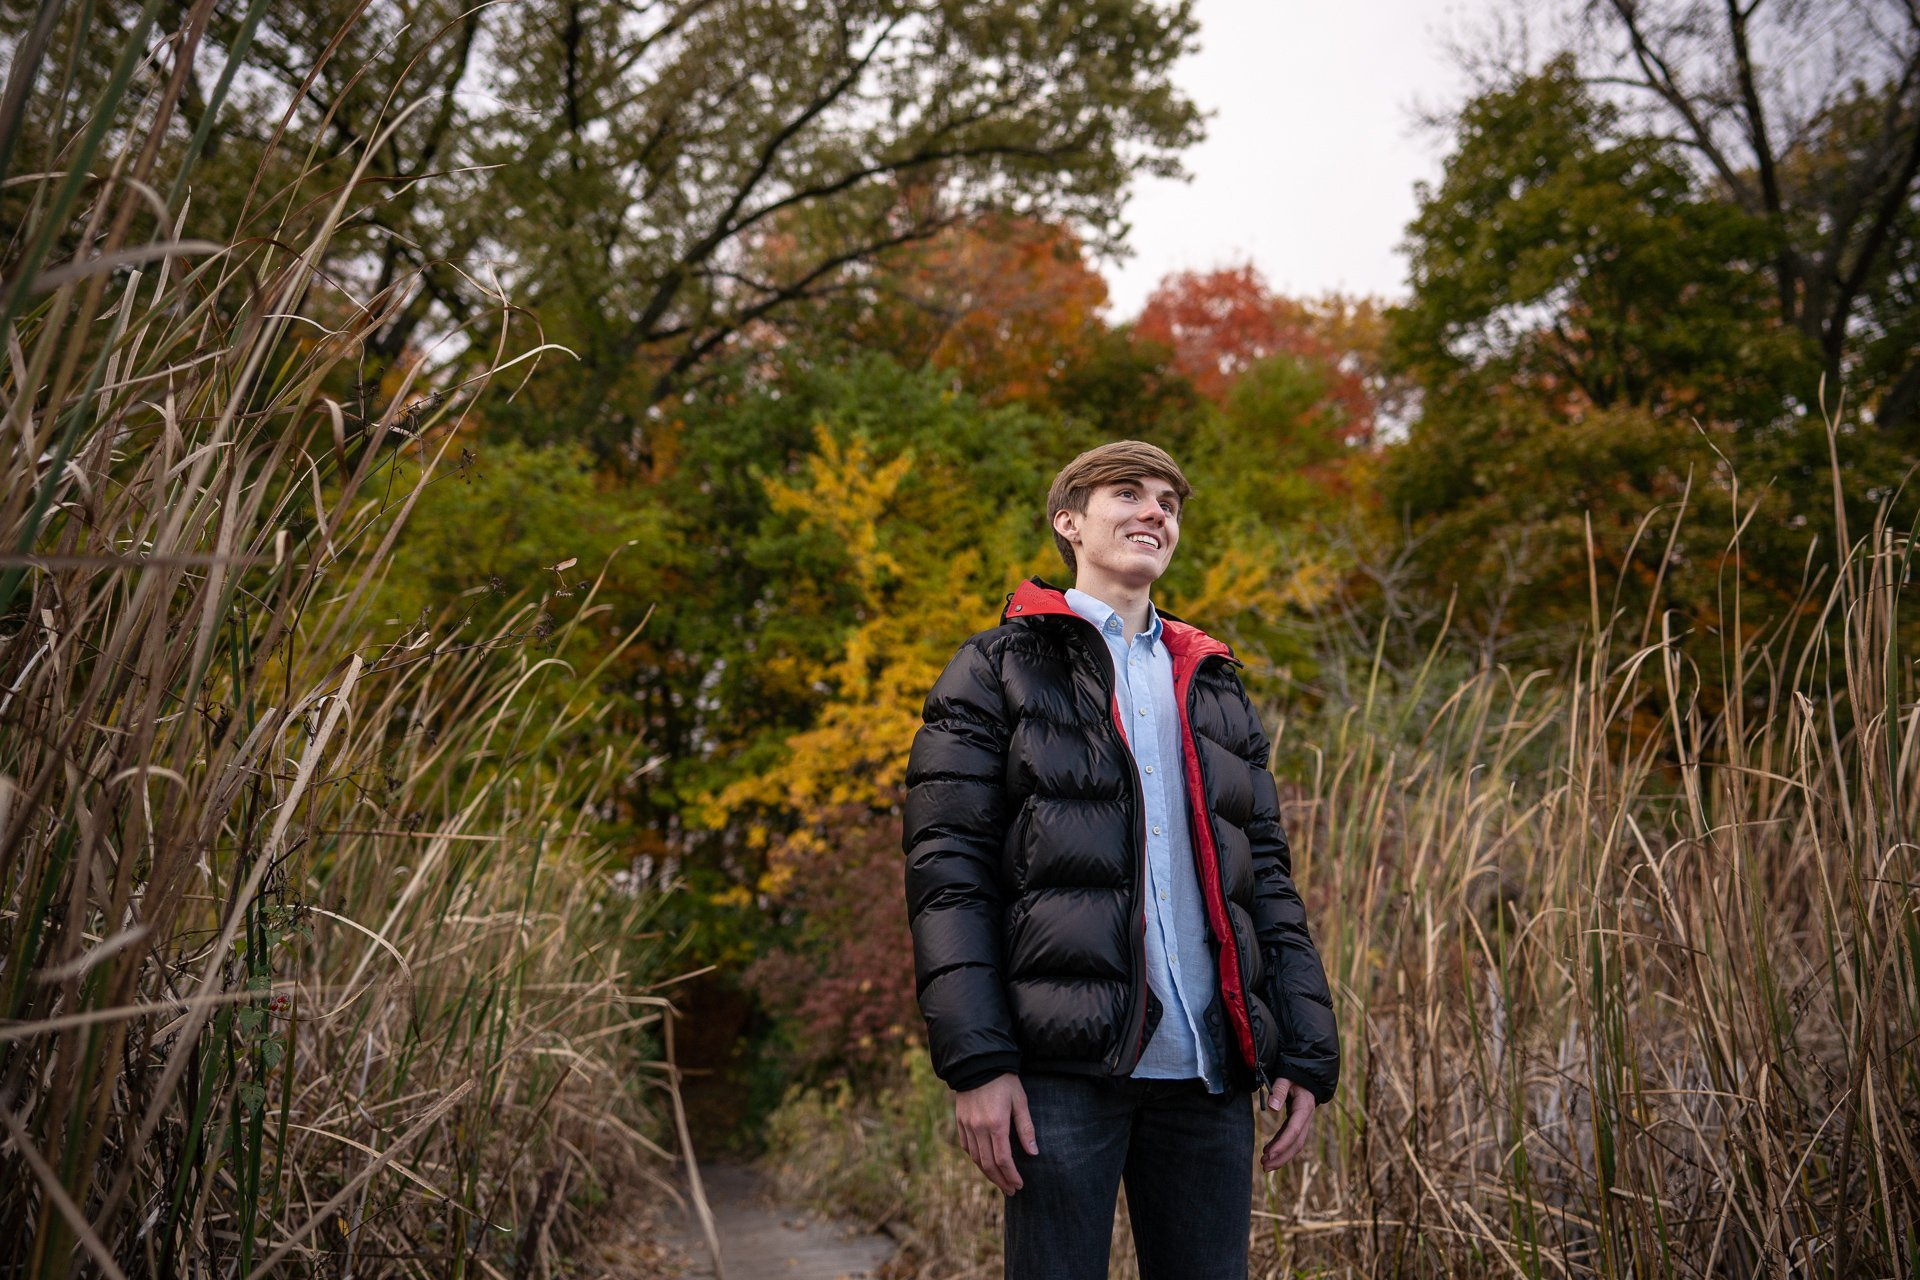 young man walking fall season